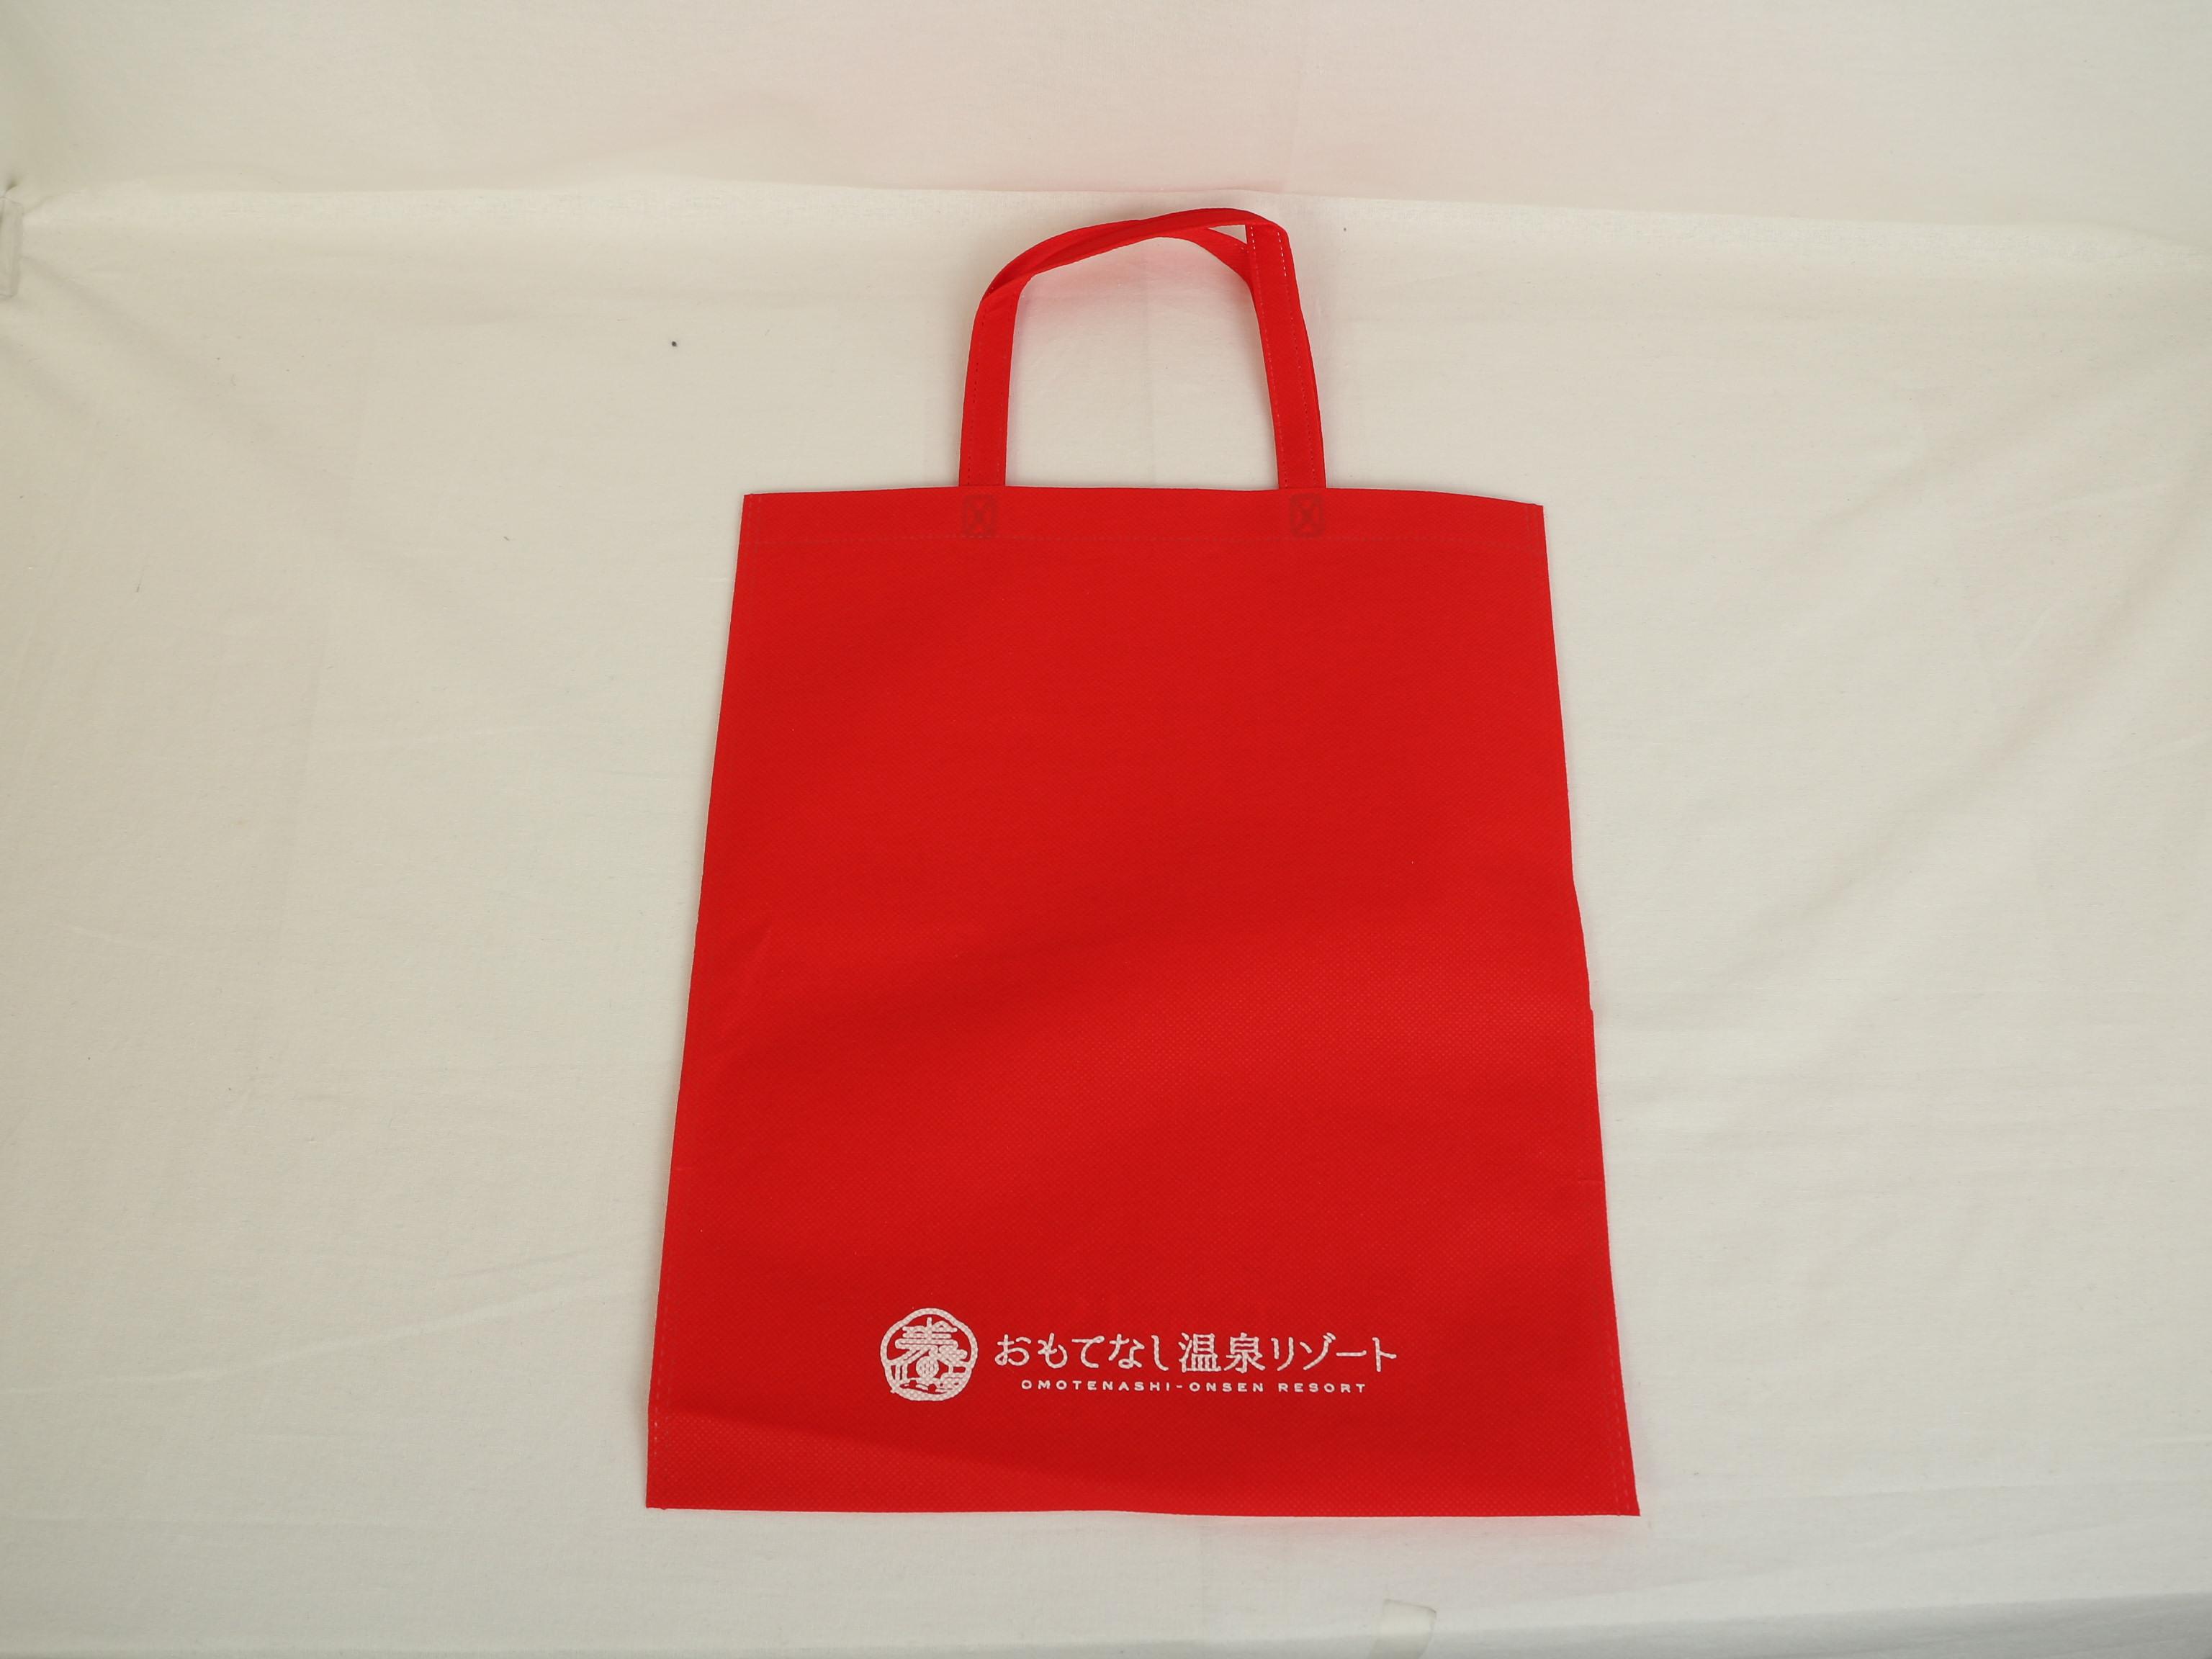 温泉宿泊施設様のイベント用不織布バッグ